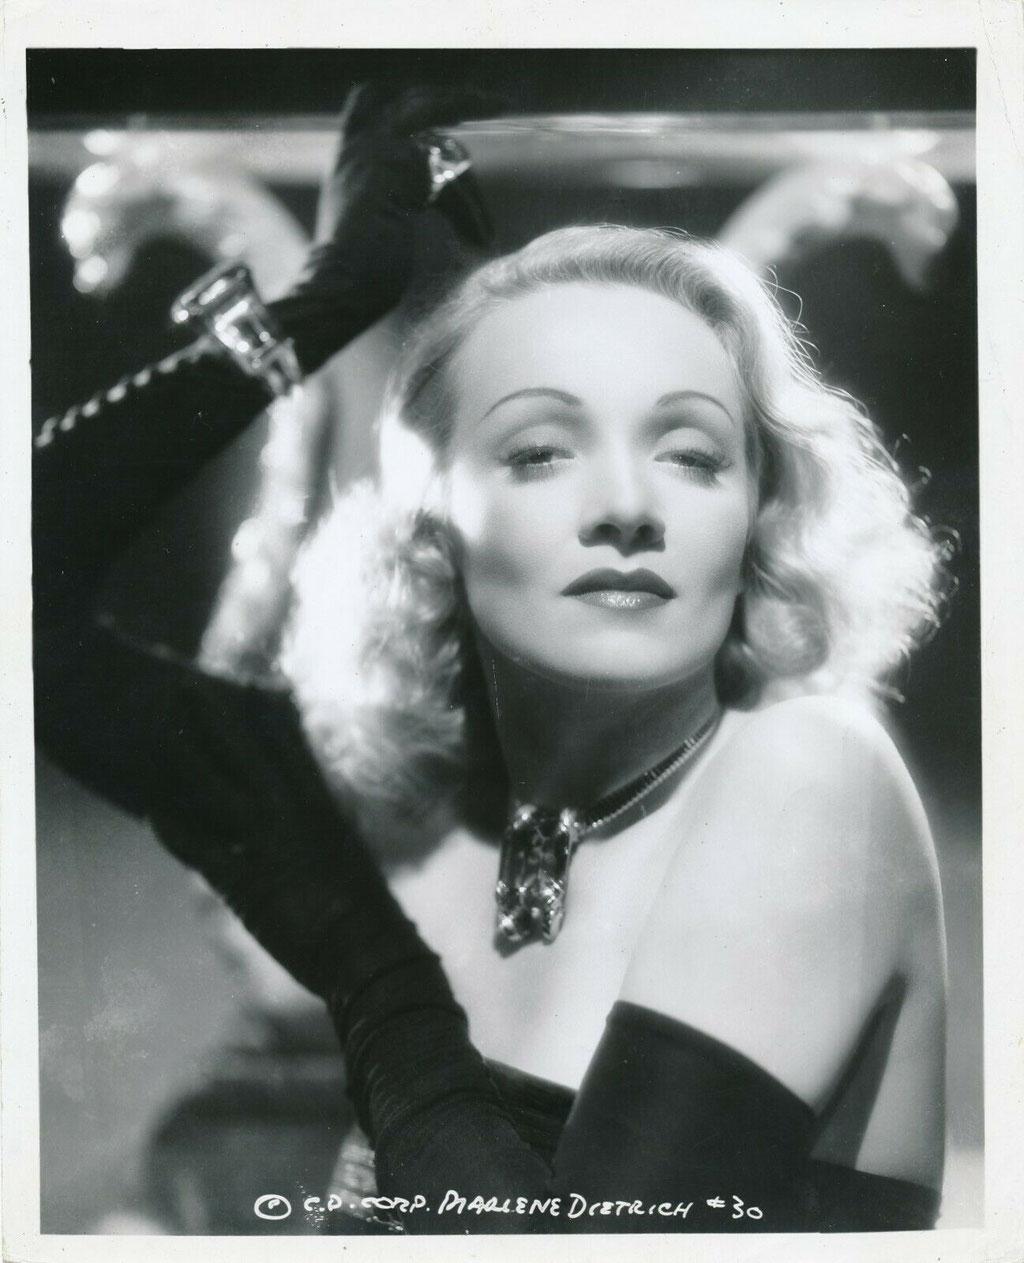 portrait photographique de Marlène Dietrich